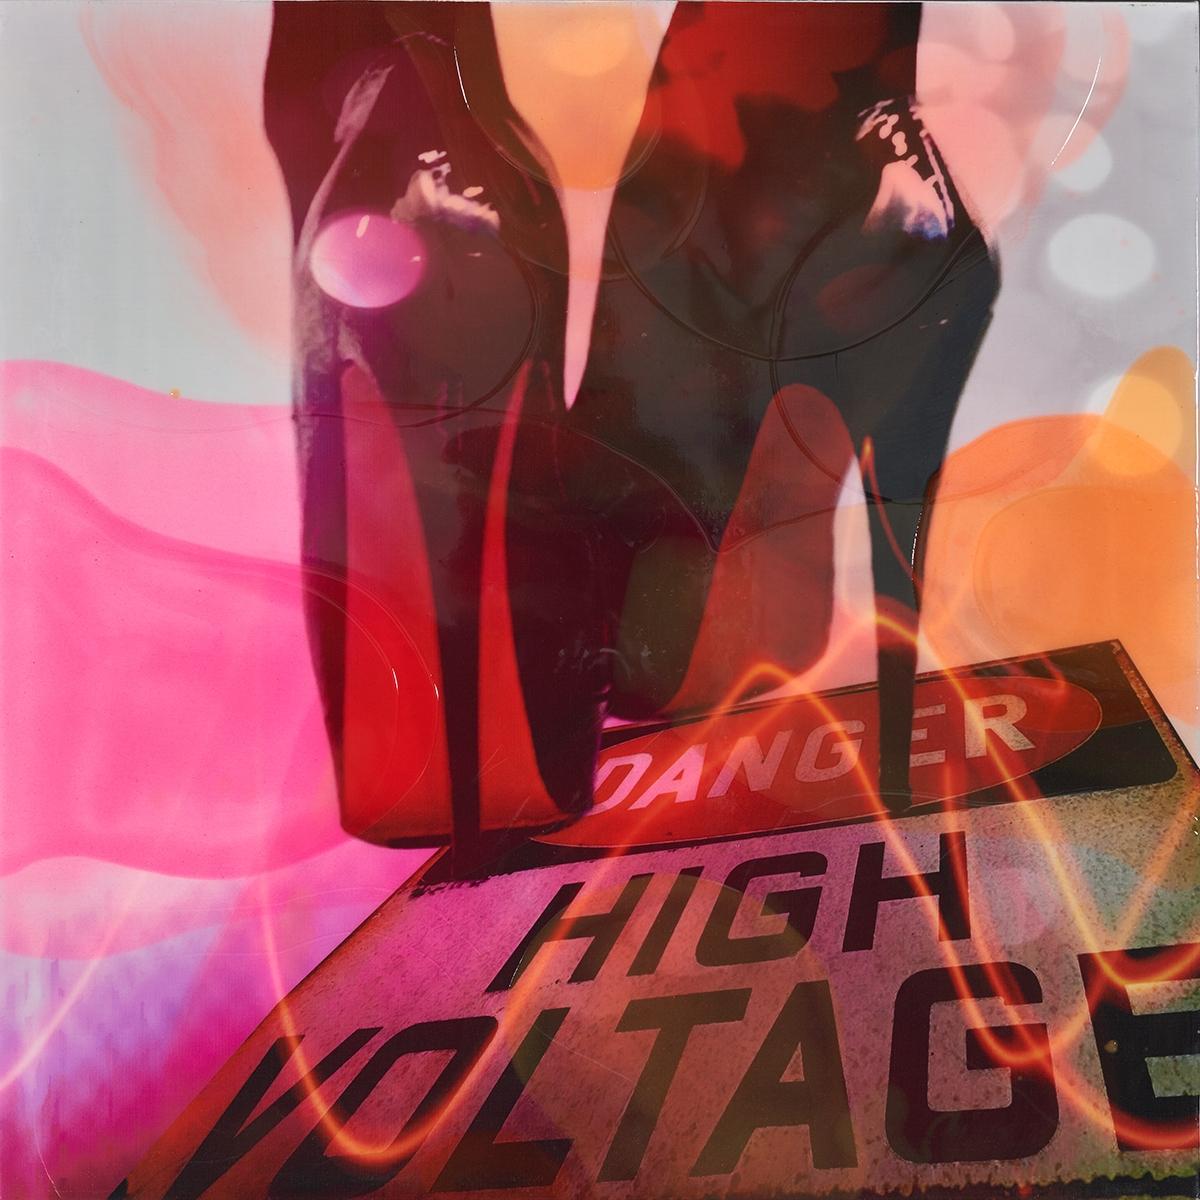 High Voltage - Epoxy